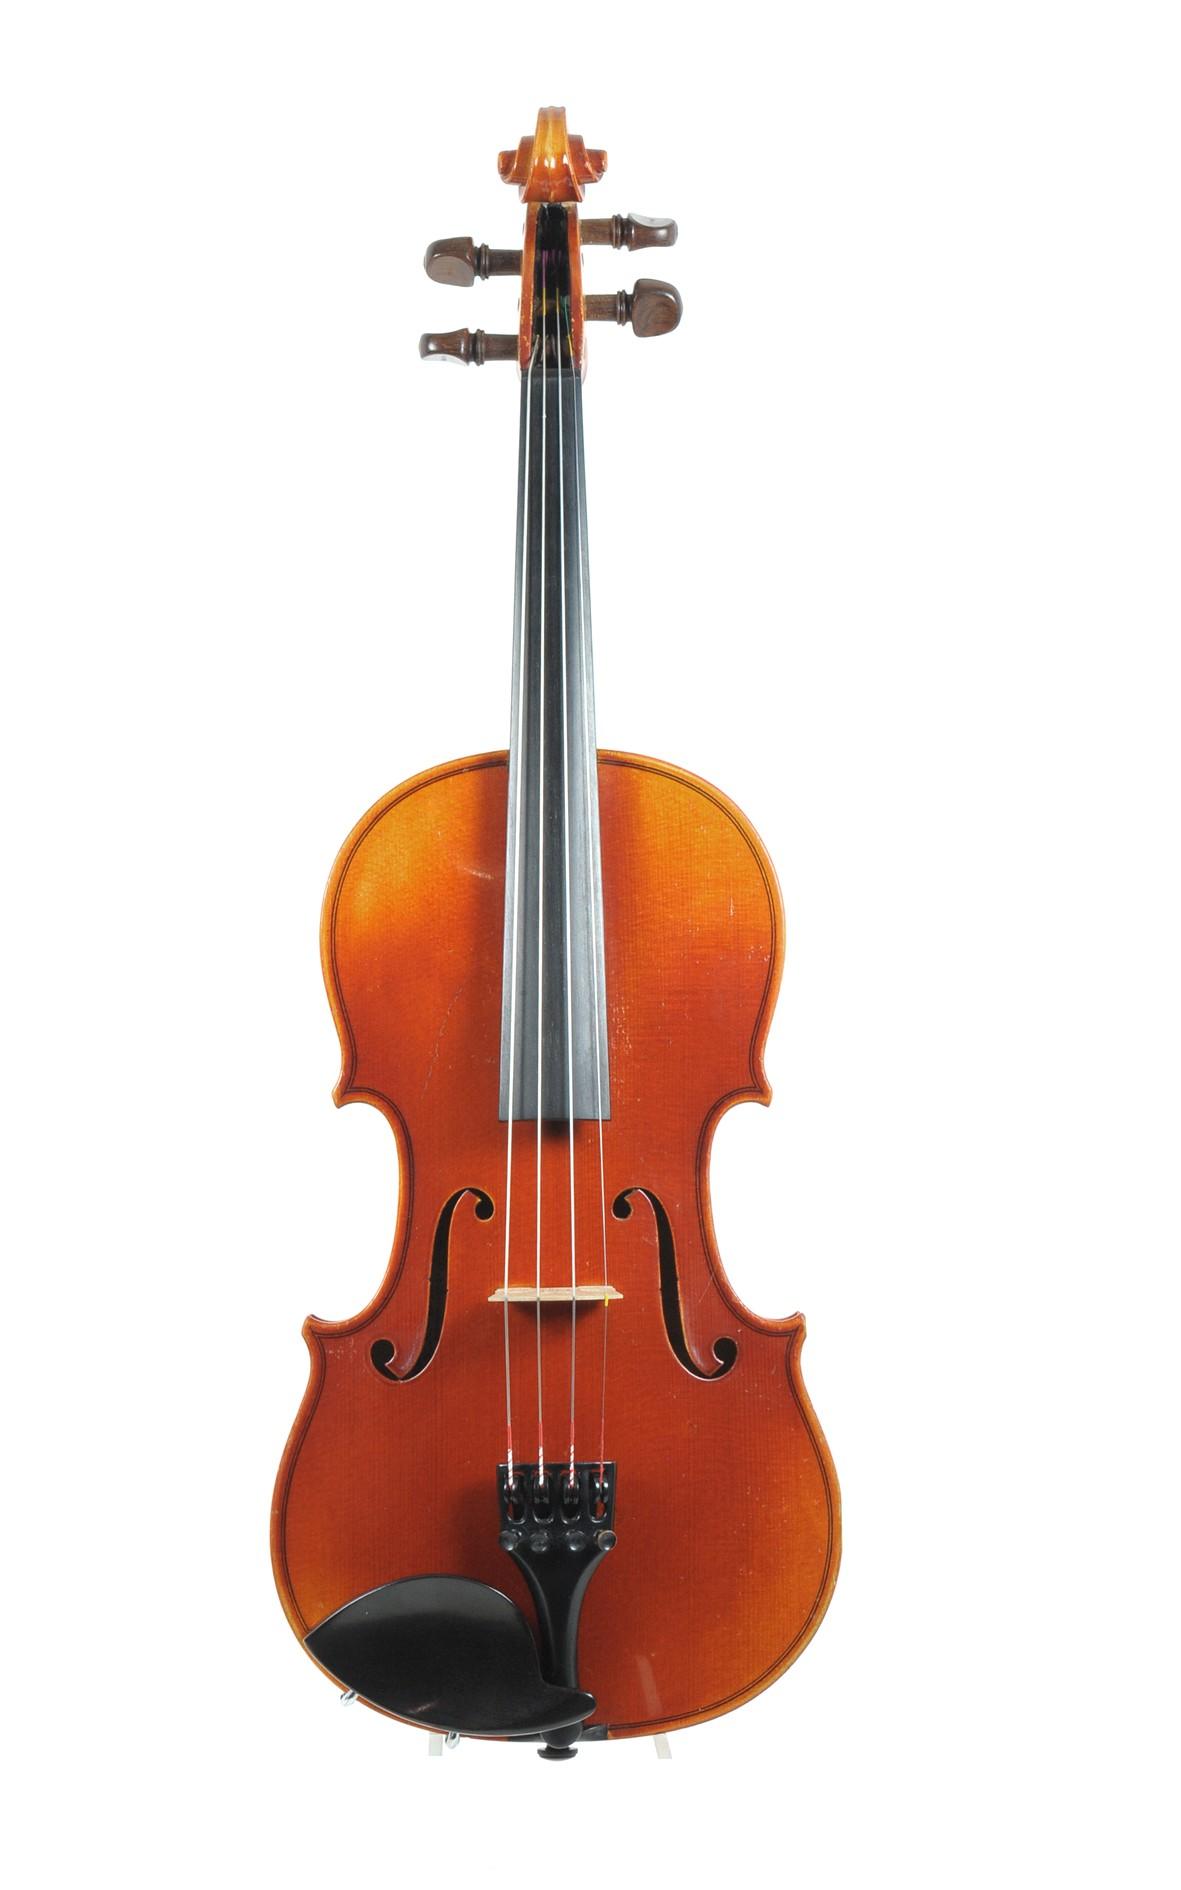 Ernst Heinrich Roth 3/4 violin - top